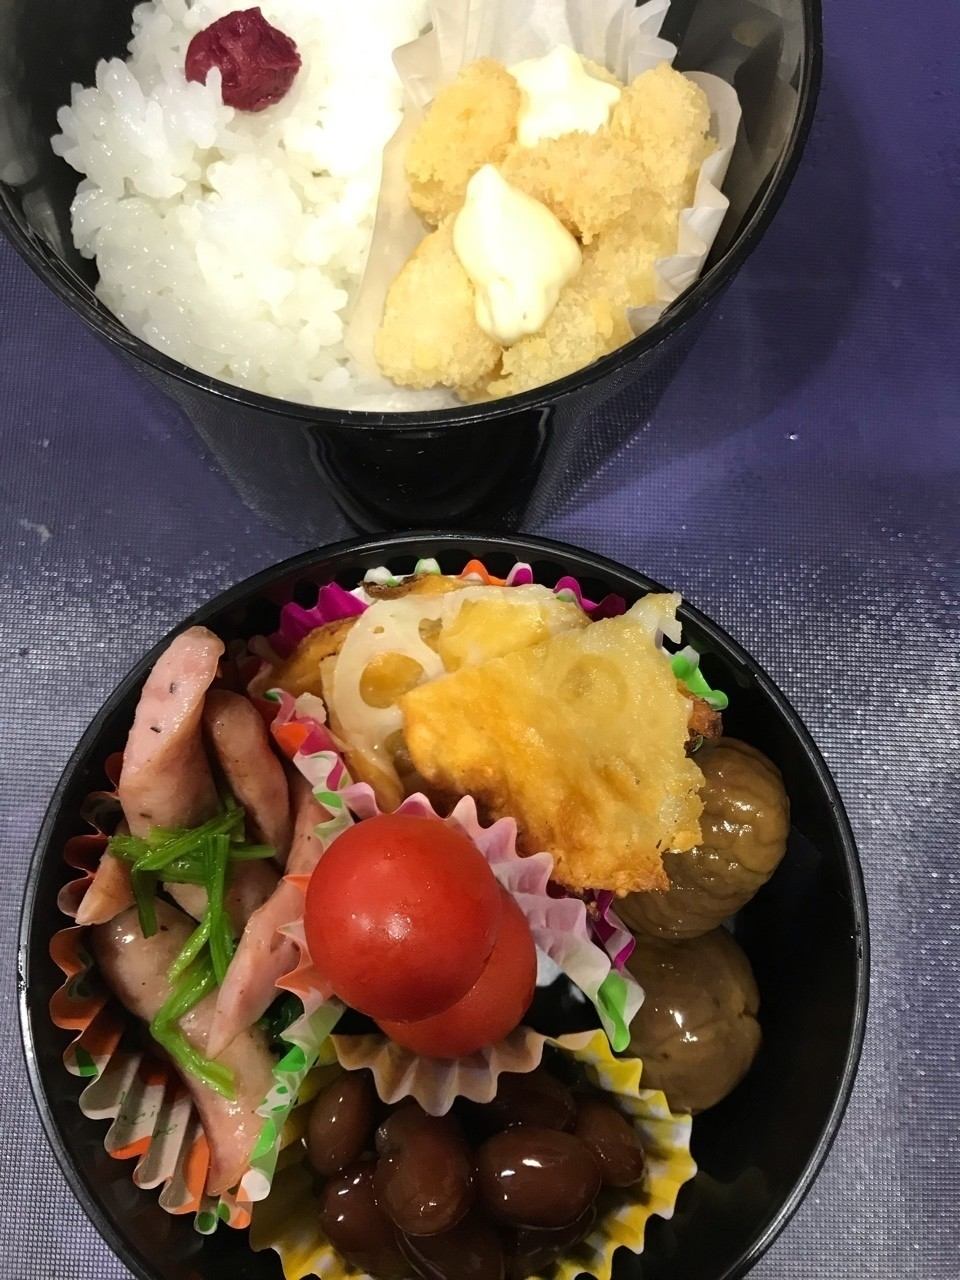 小梅干しご飯、エビフライ🍤タルタルソース、レンコンのチーズ焼き(noteで流行った時に作って冷凍していた)、甘栗、金時豆、ほうれん草とウィンナーのバタ炒め、プチトマト  #noteお弁当部 #note弁当部 #お弁当